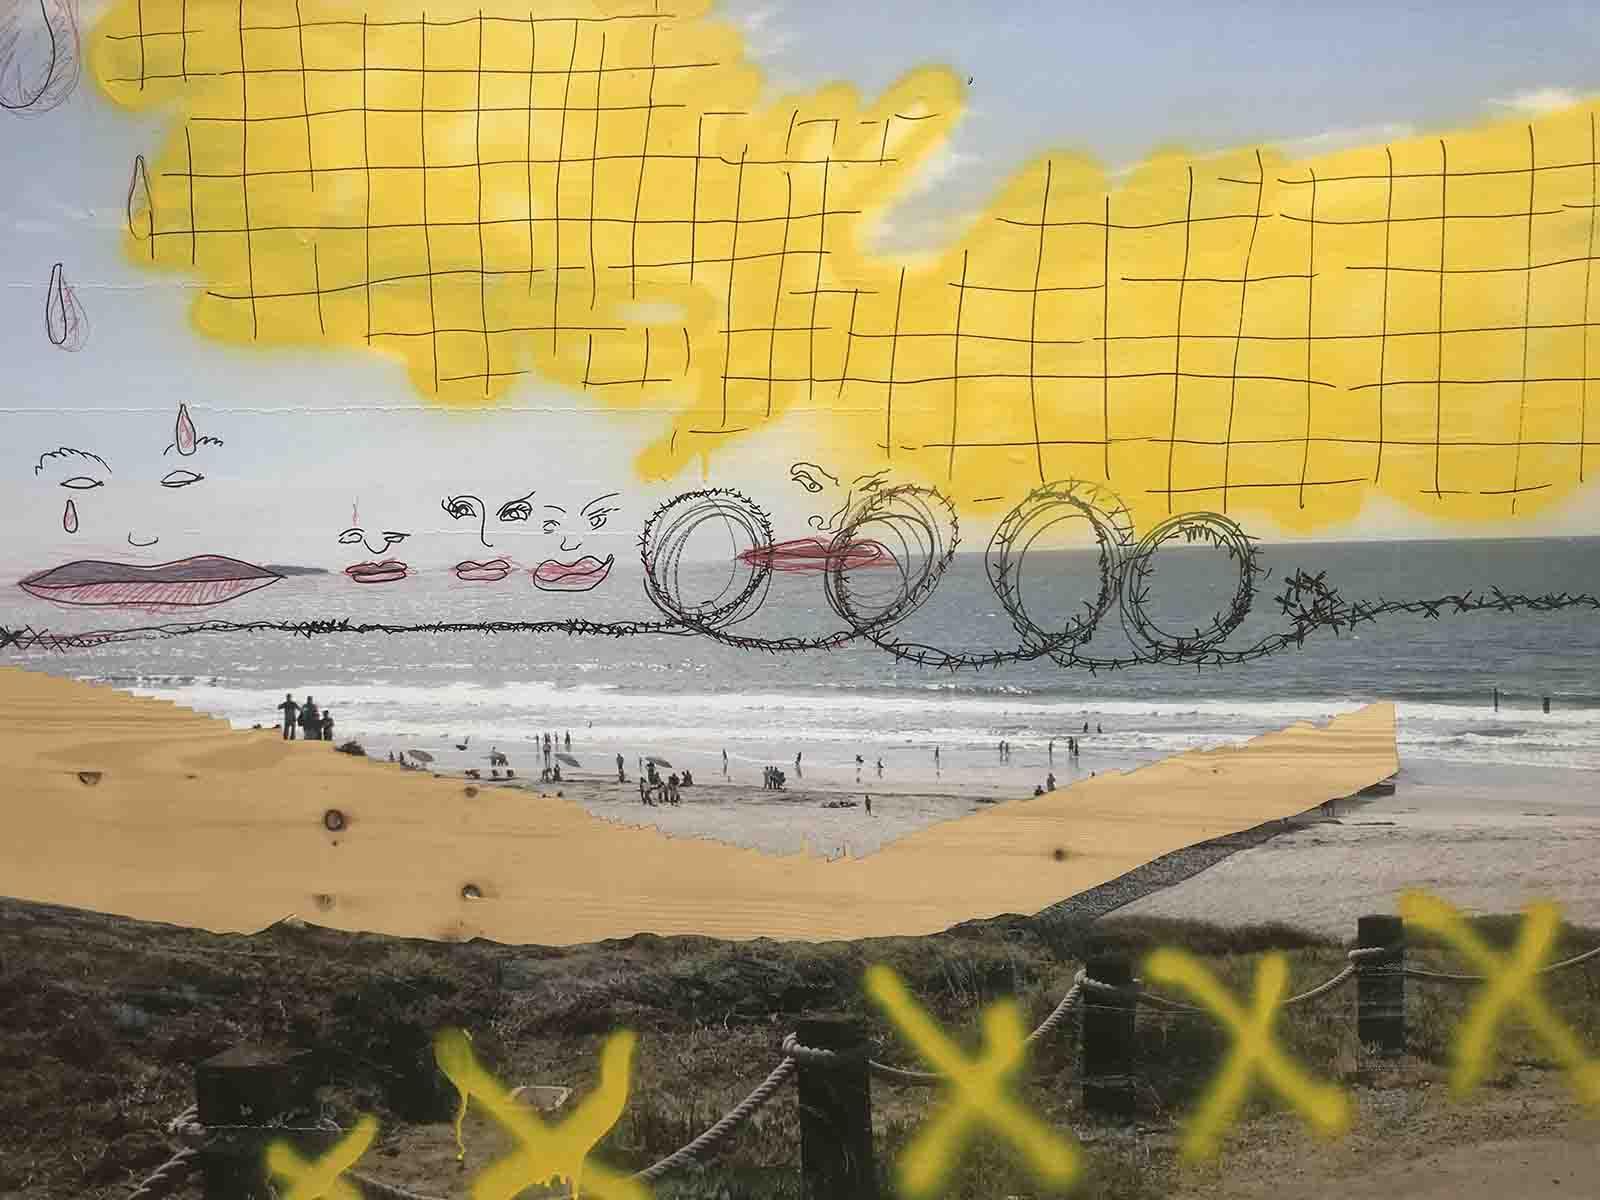 Eine harmlose Strandszene wird vom Schrecken heimgesucht – nicht nur auf einem Bild, sondern auch in der Realität.